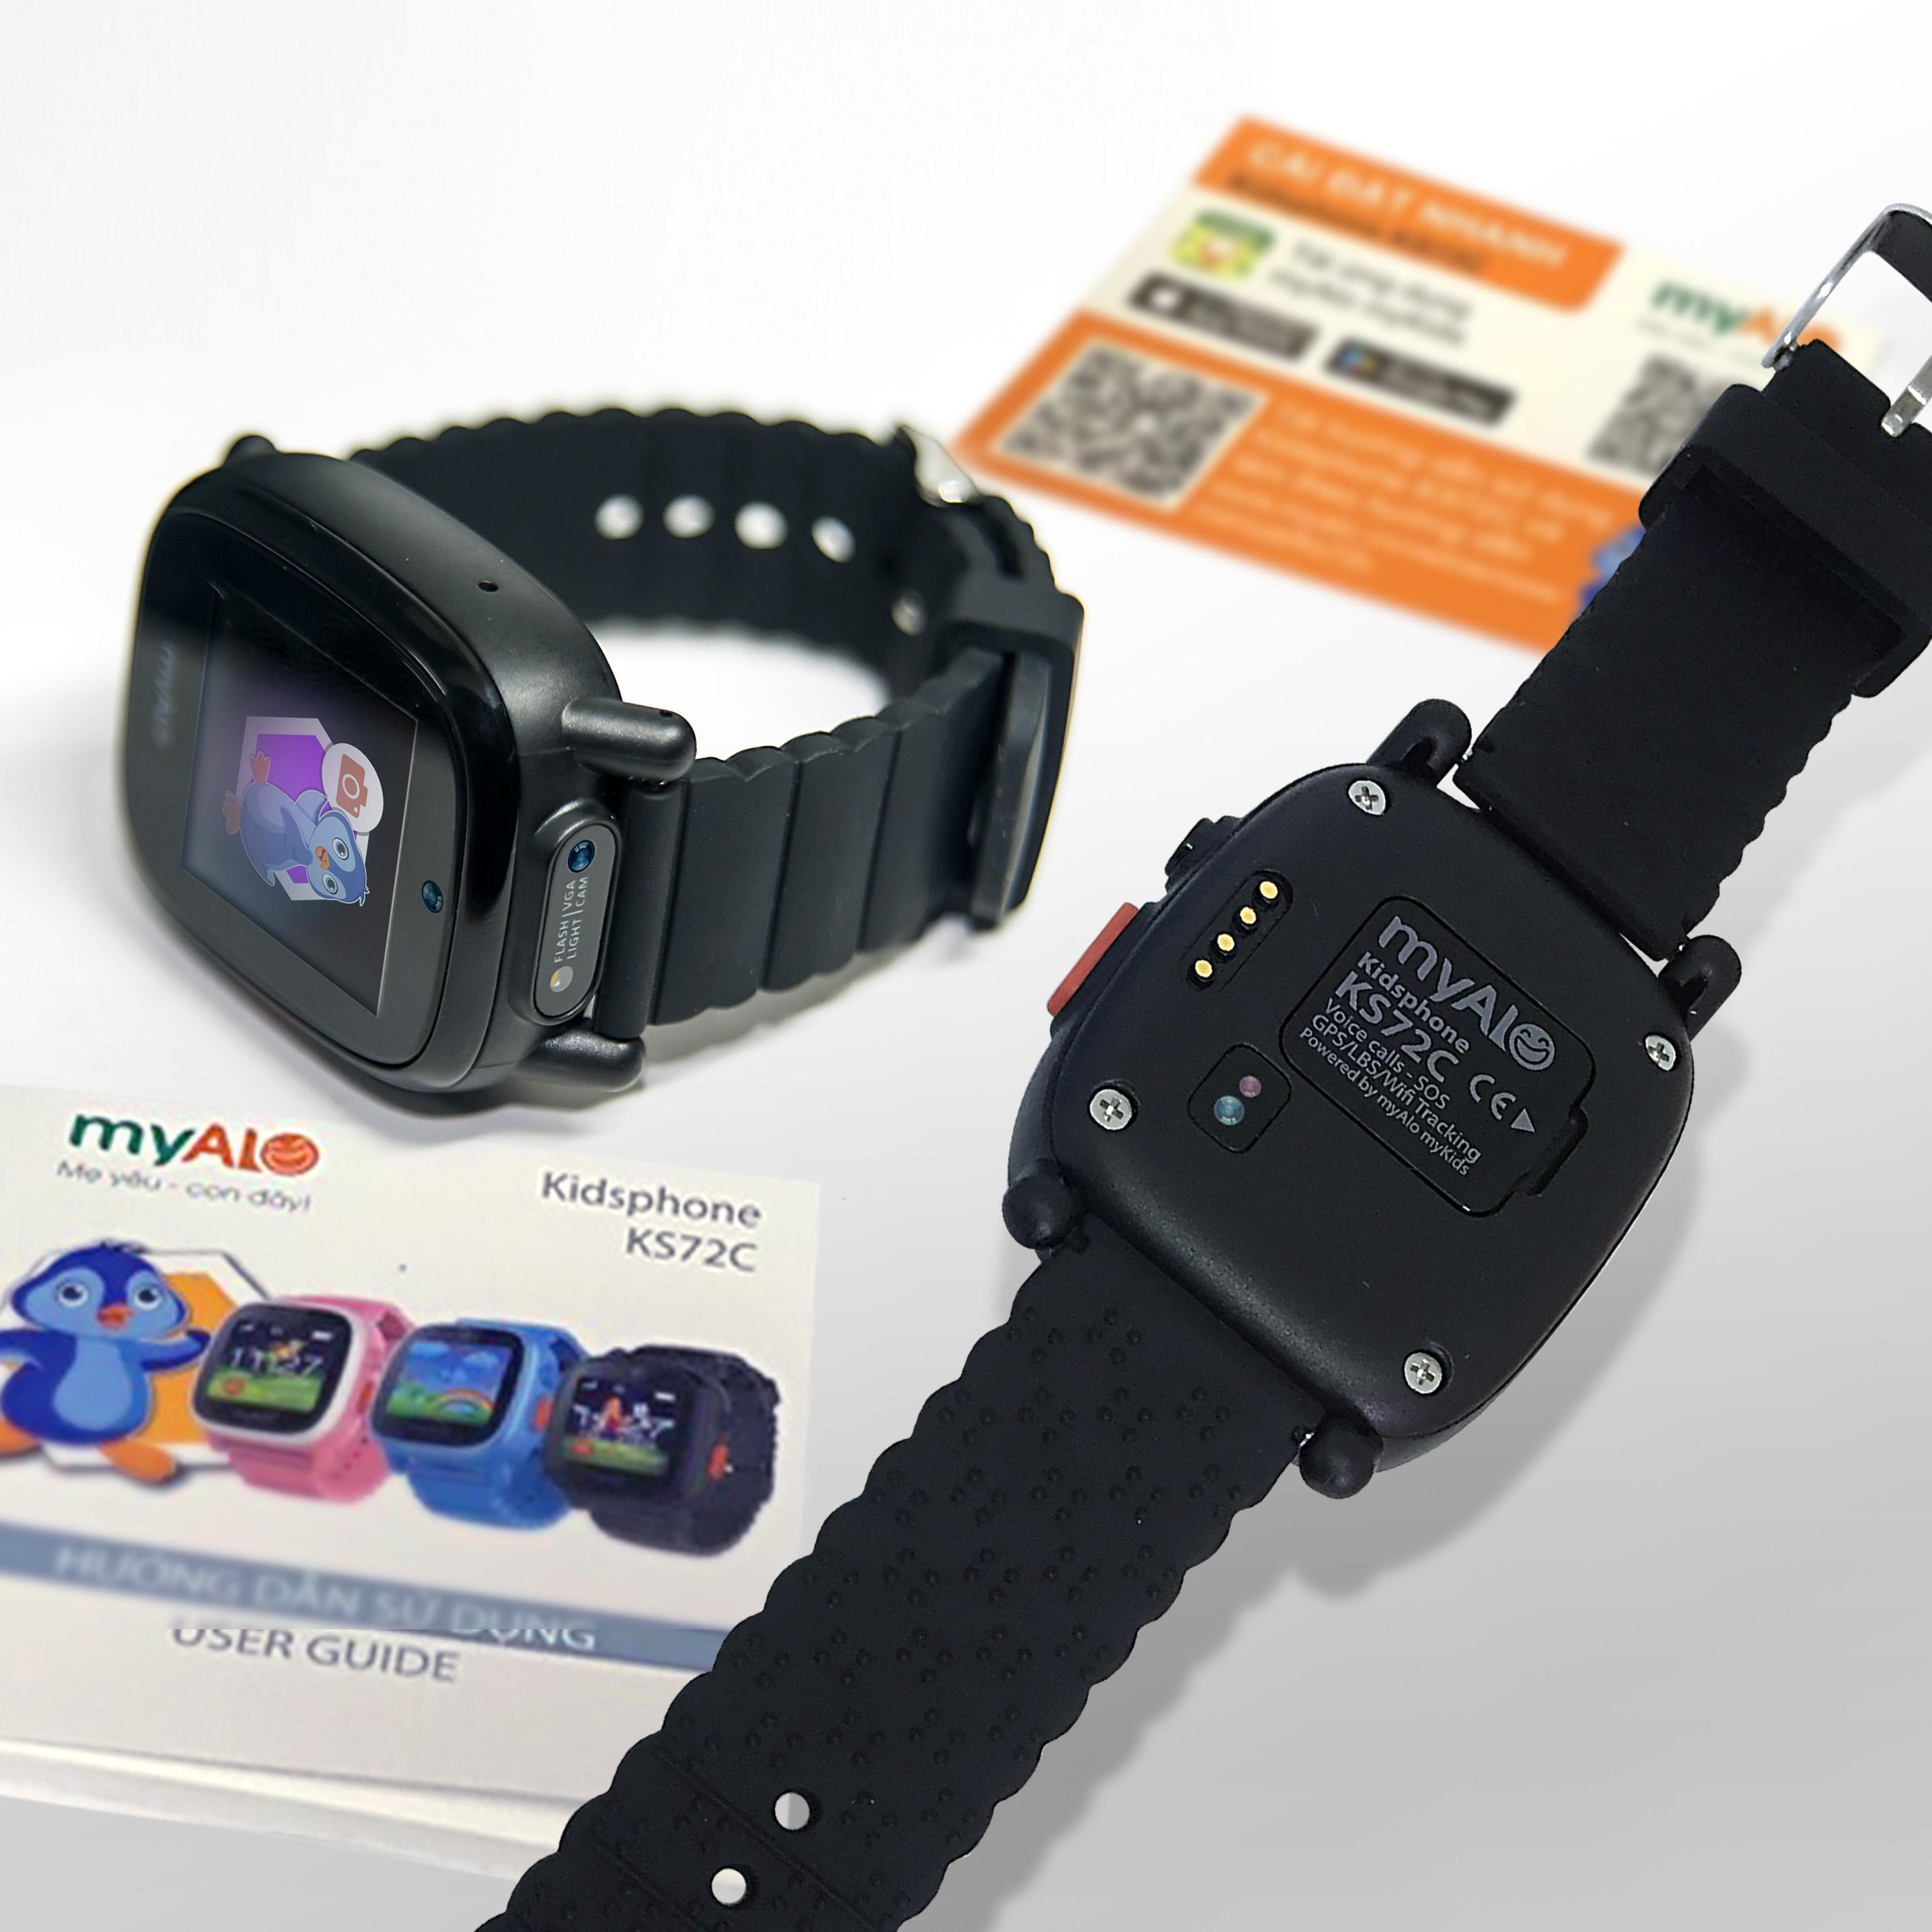 Đồng hồ định vị myAlo: Hành trang không thể thiếu khi đến trường